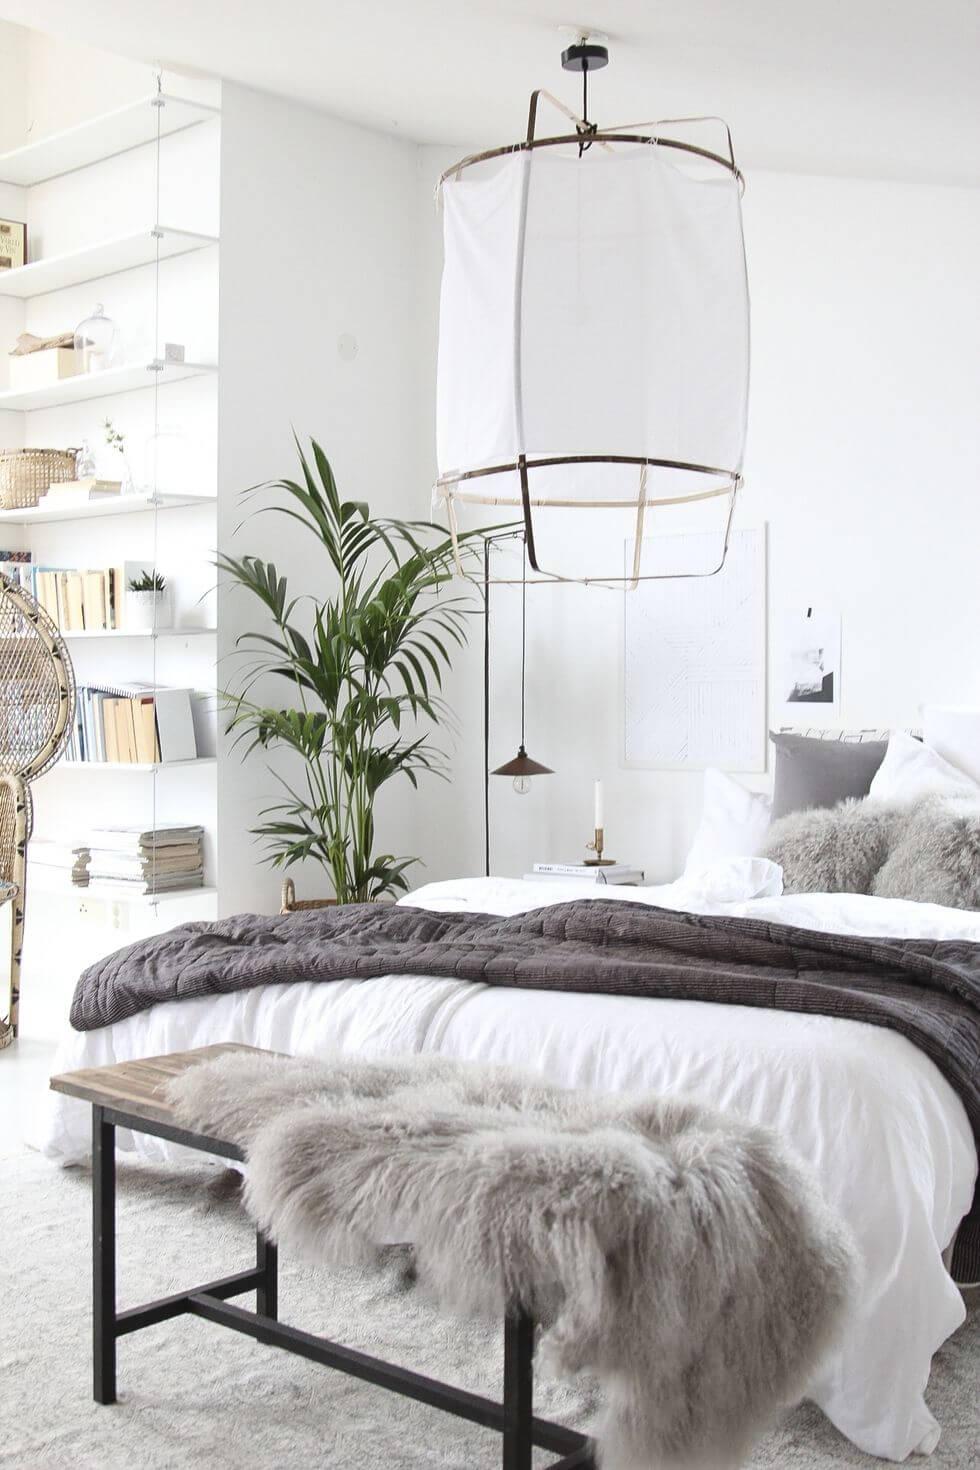 Desain kamar tidur Skandinavian - belisewarumah